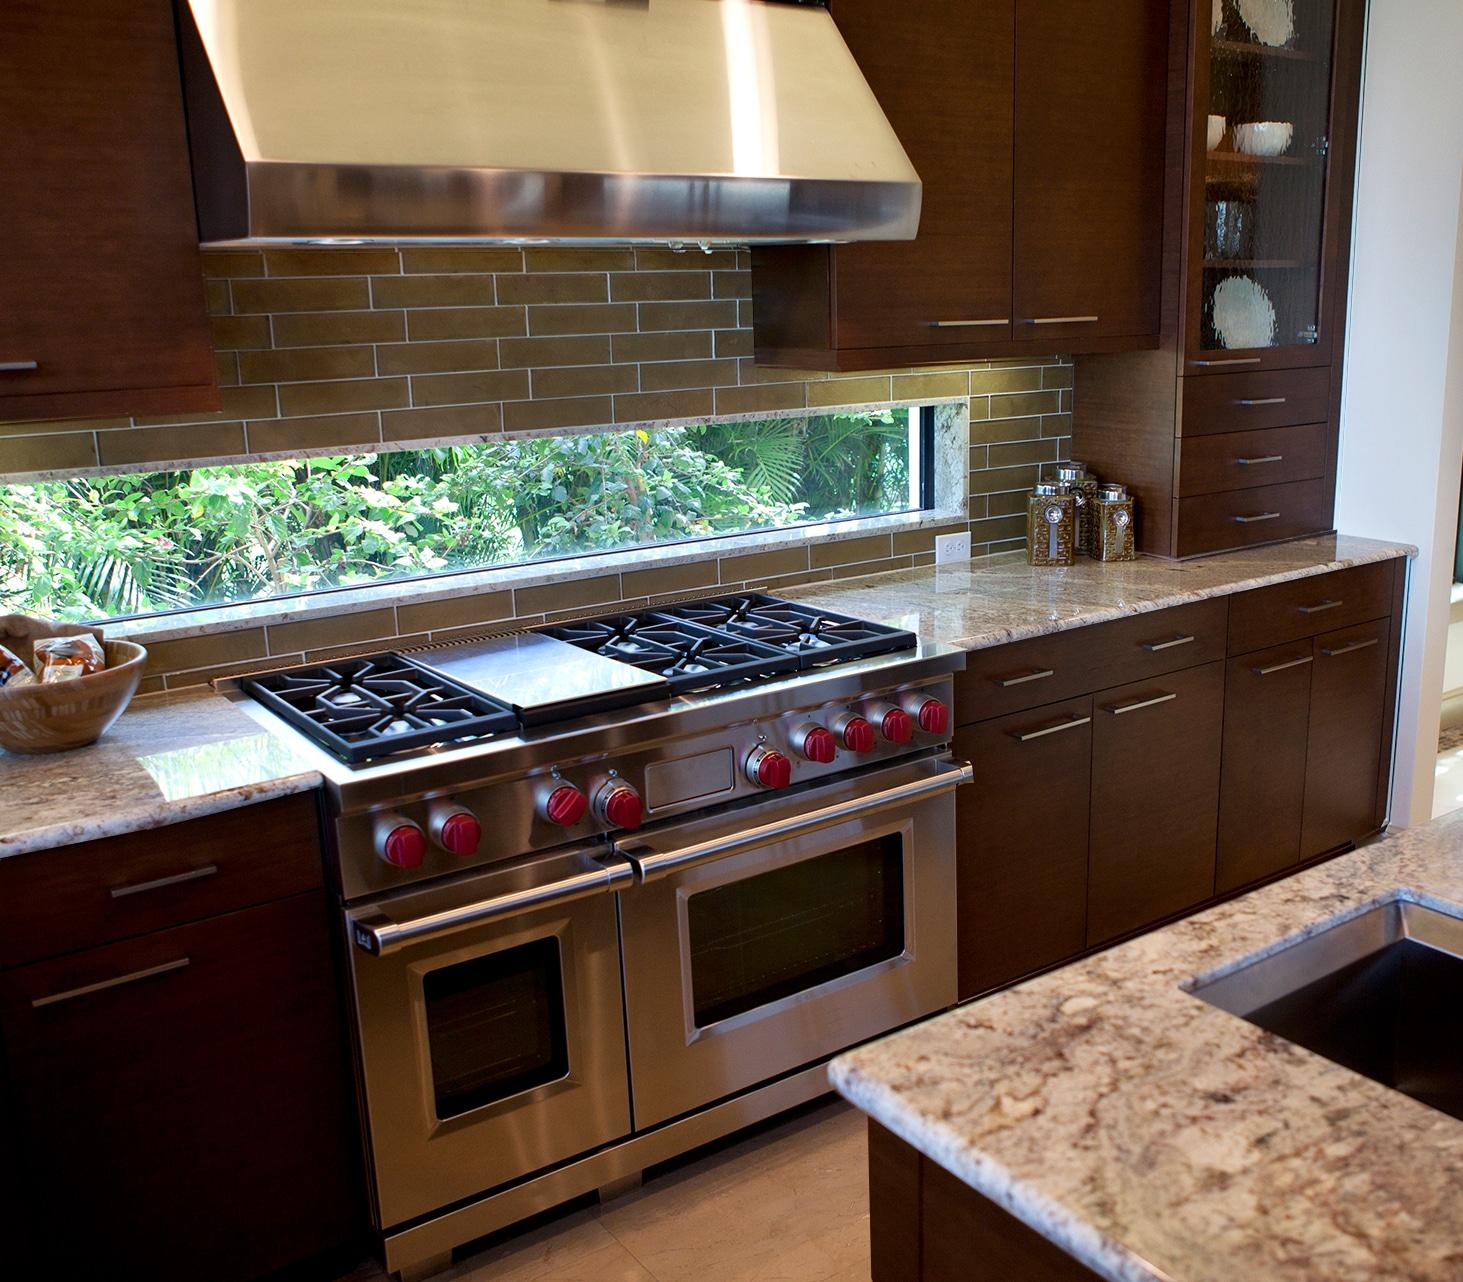 מטבחים מעץ חברות לעיצוב וייצור מטבחי עץ חכמים עם נכונות לתת שירות מקצועי שיודעים לתת שירות אדיב ומקצועי, שמומחים לשירותי ייצור ועיצוב מטבחים תוך כדי תחזוקת מטבחים